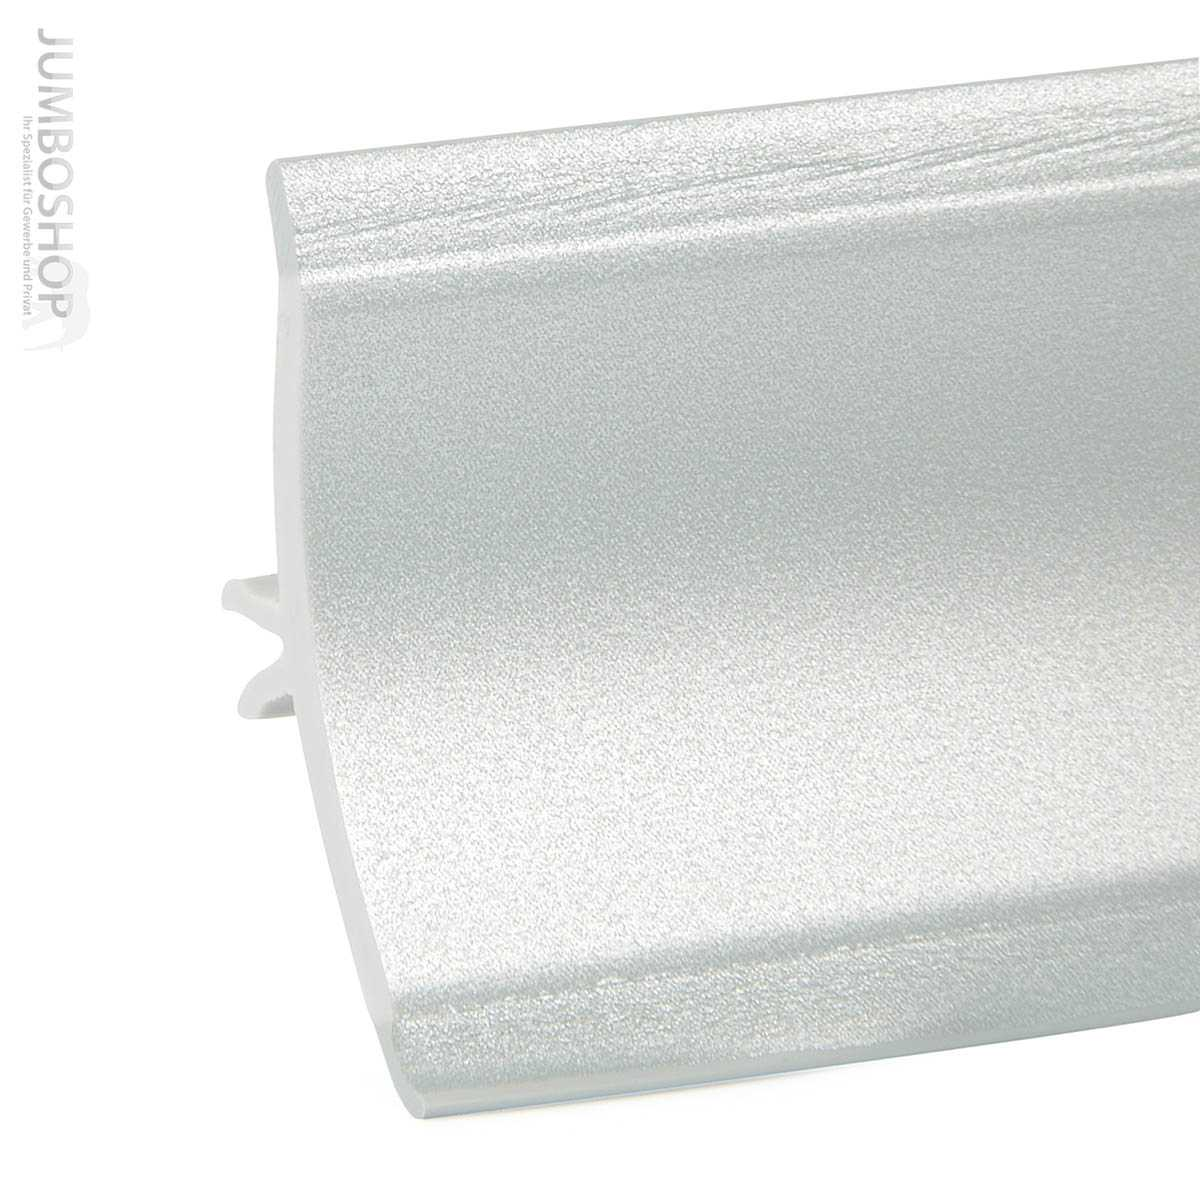 Wandabschlussleiste k che jessis kleine k che sp lbecken for Ikea wandabschlussleiste